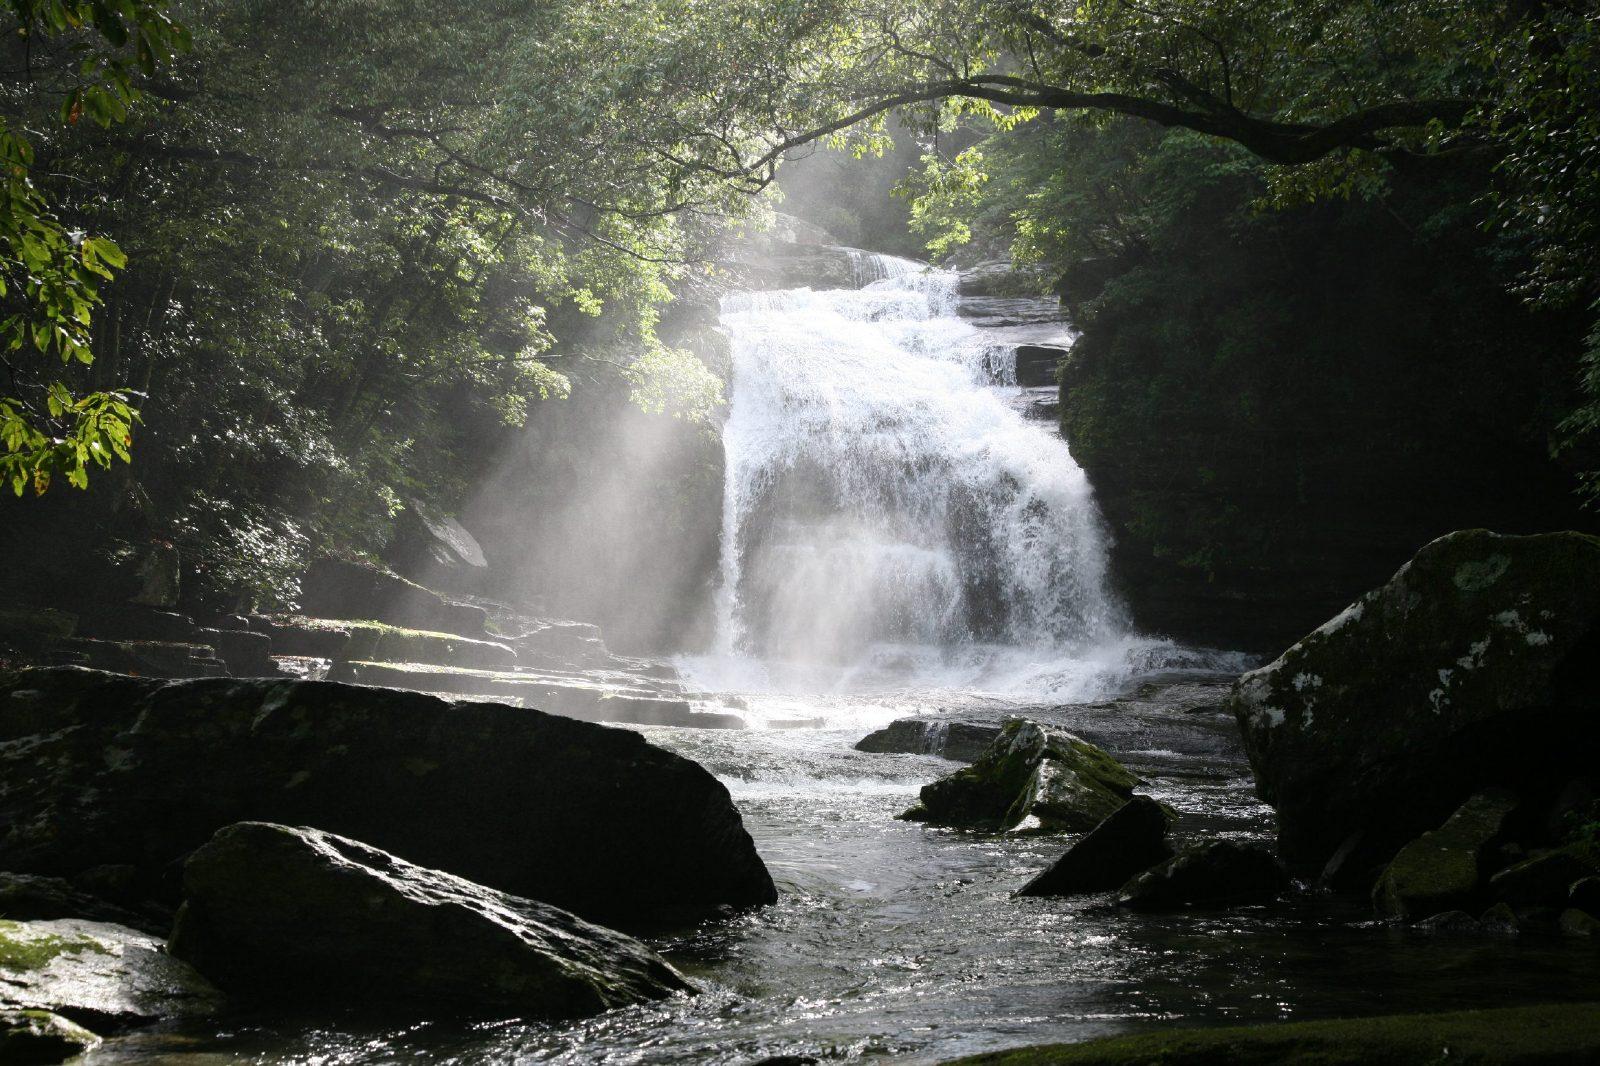 Tsugane falls